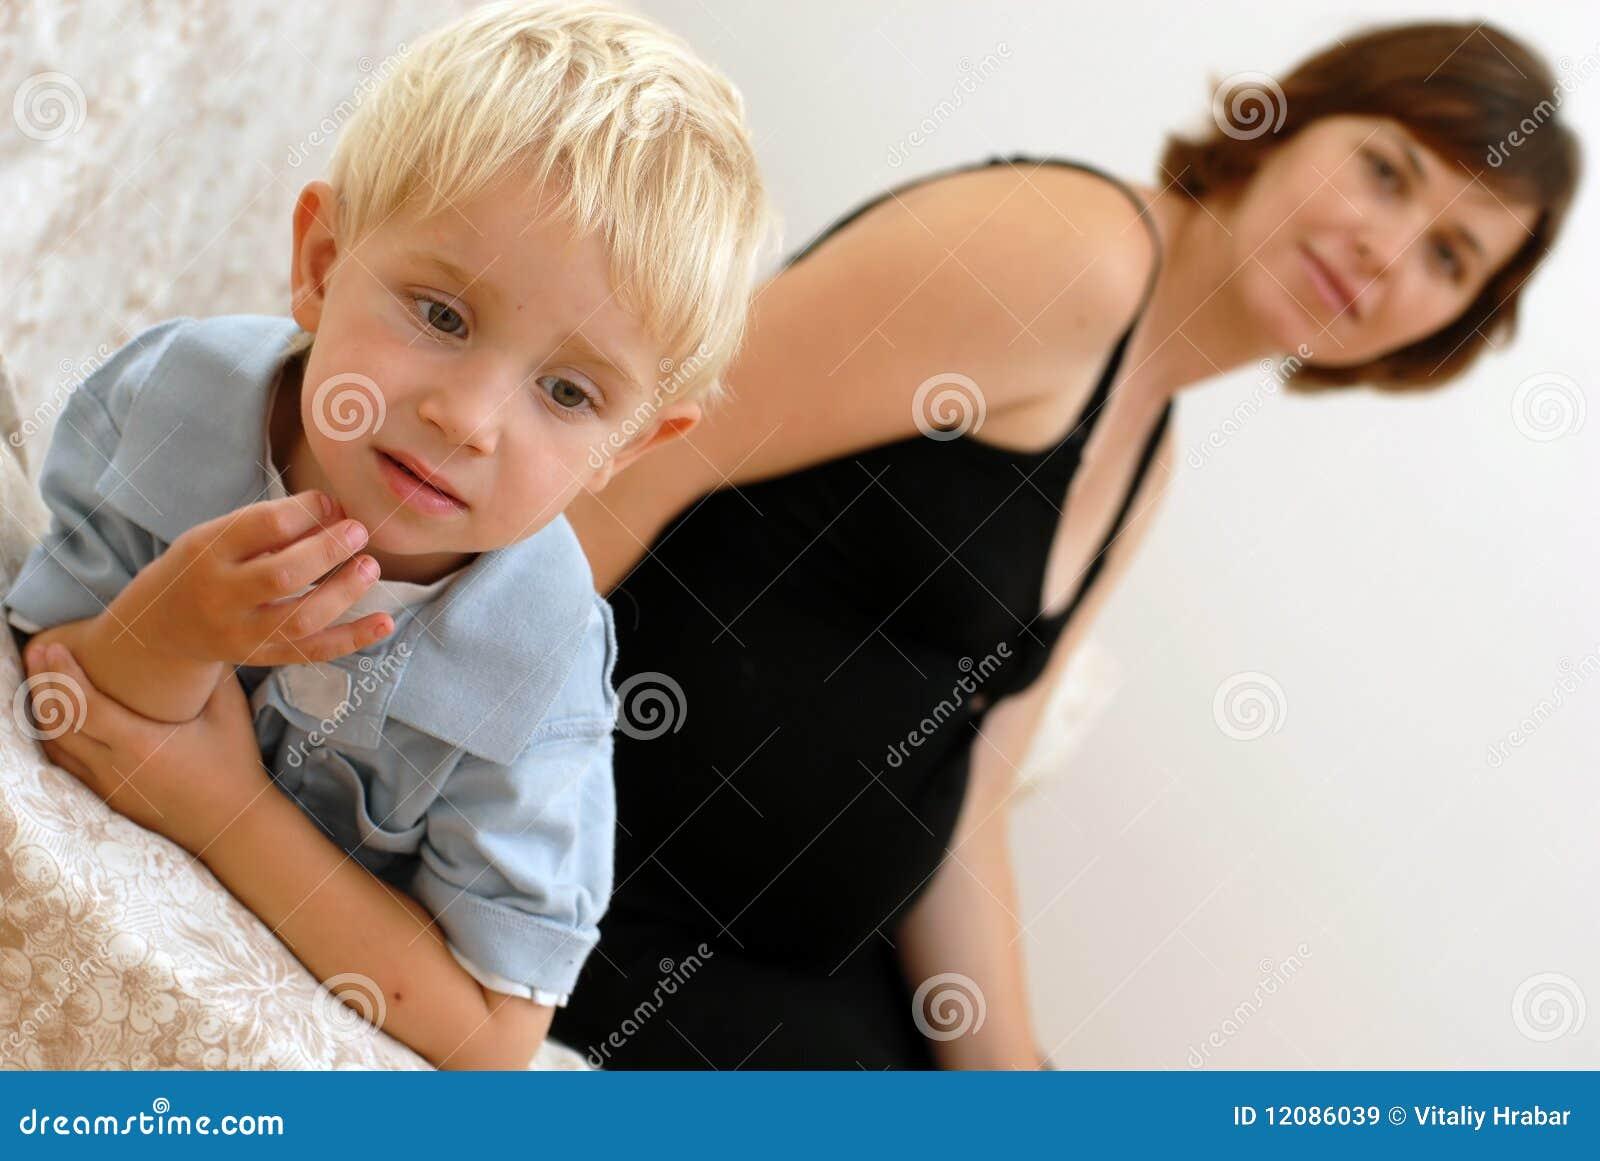 男孩小孕妇